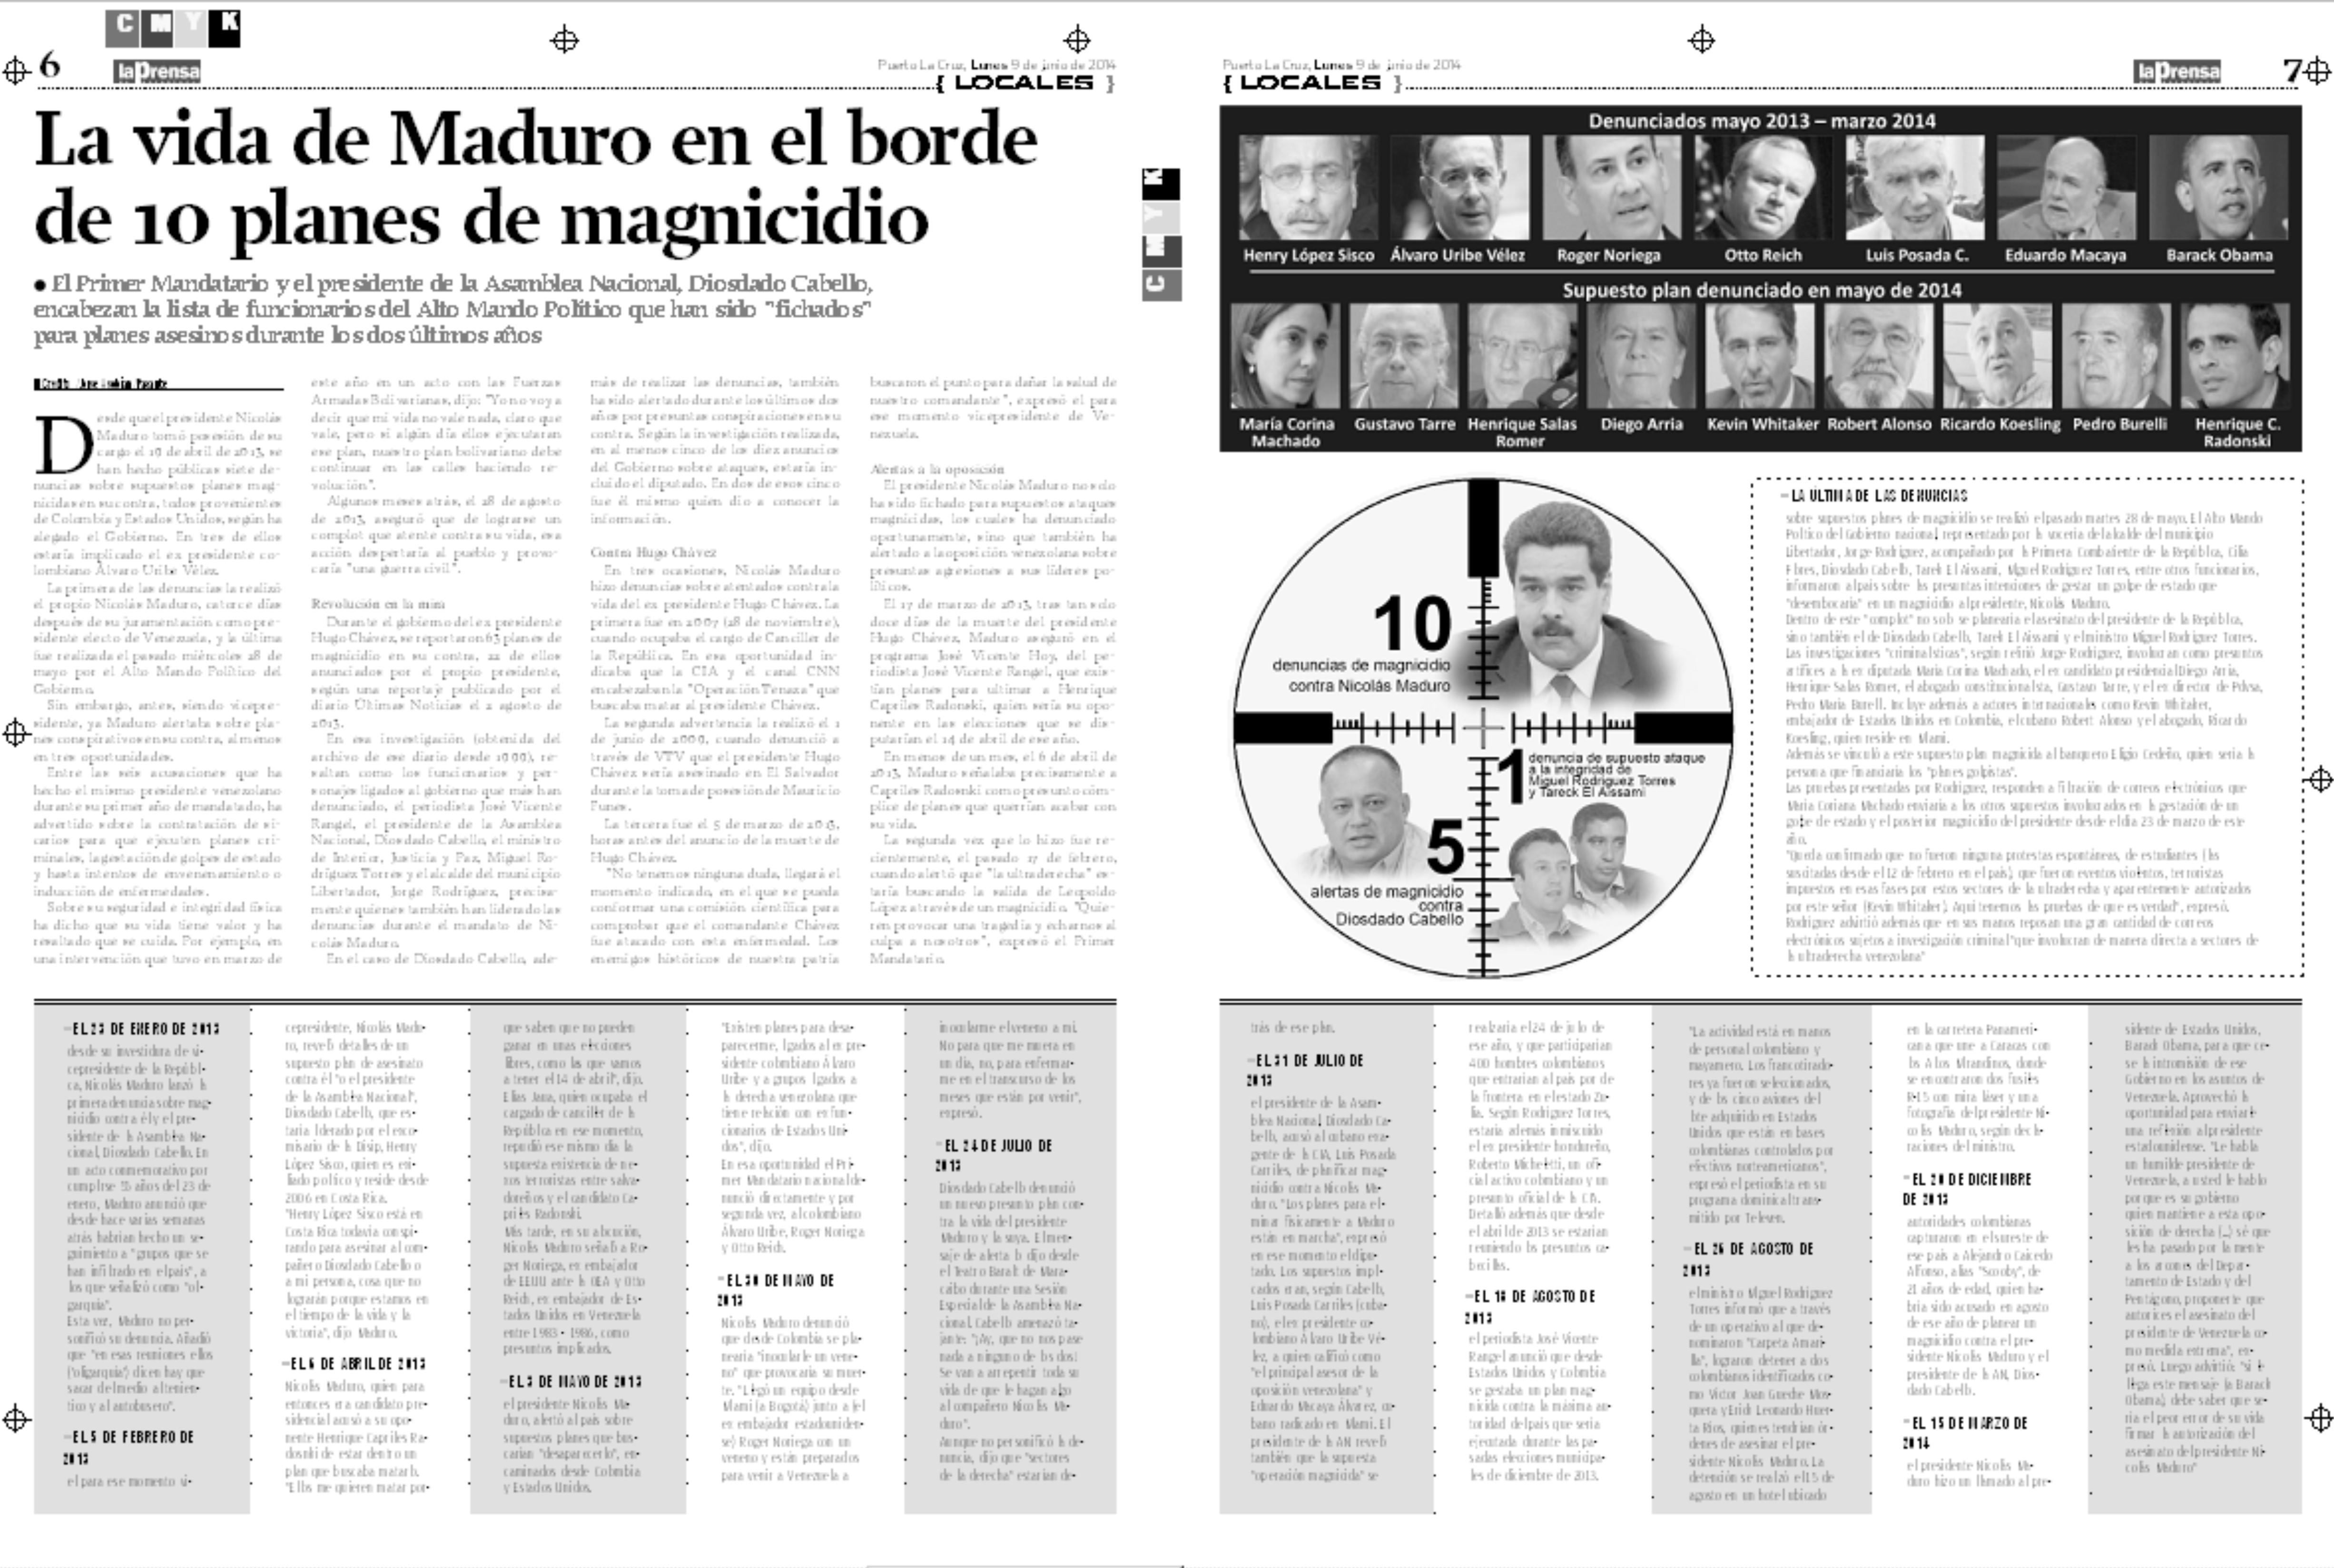 La vida de Maduro en el borde de 10 planes de magnicidio (Reportaje La Prensa de Anzoátegui: 09-06-2014